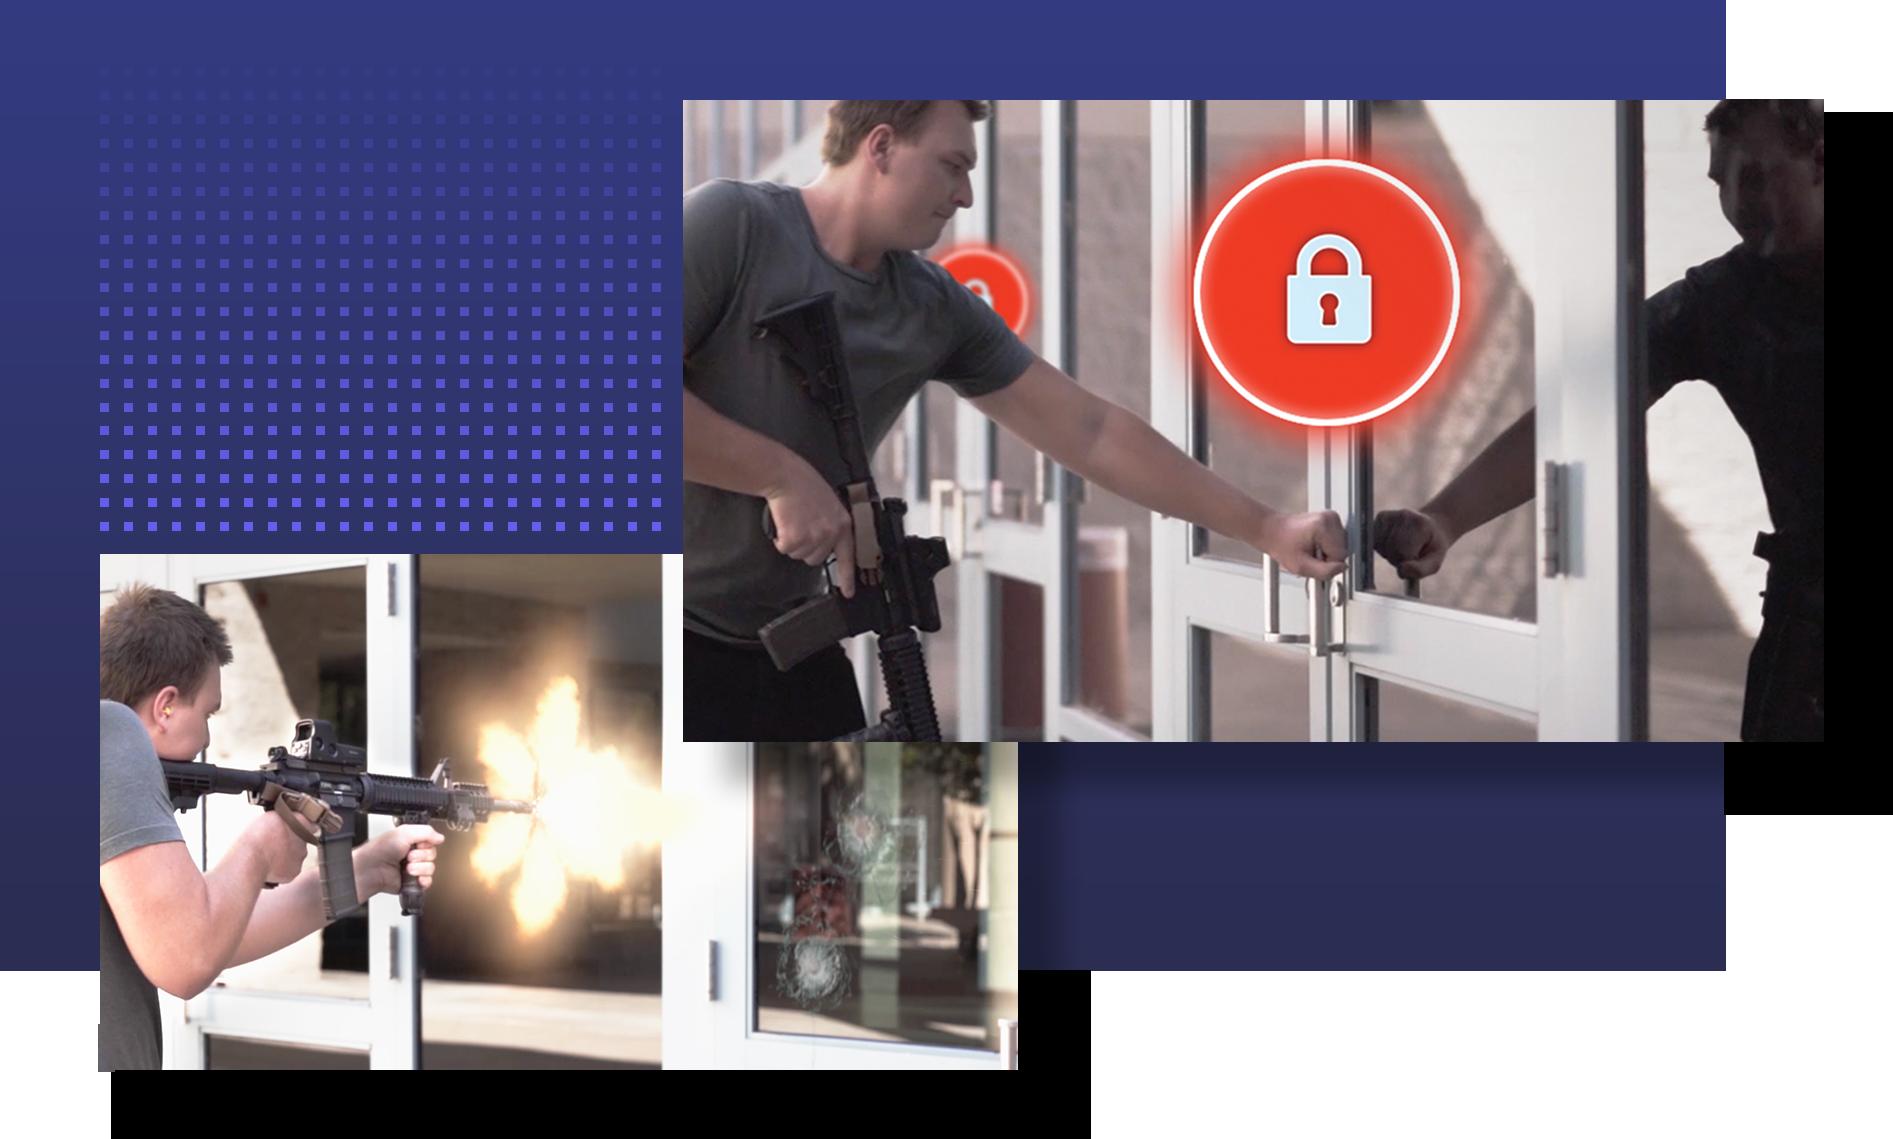 Auto-lock doors